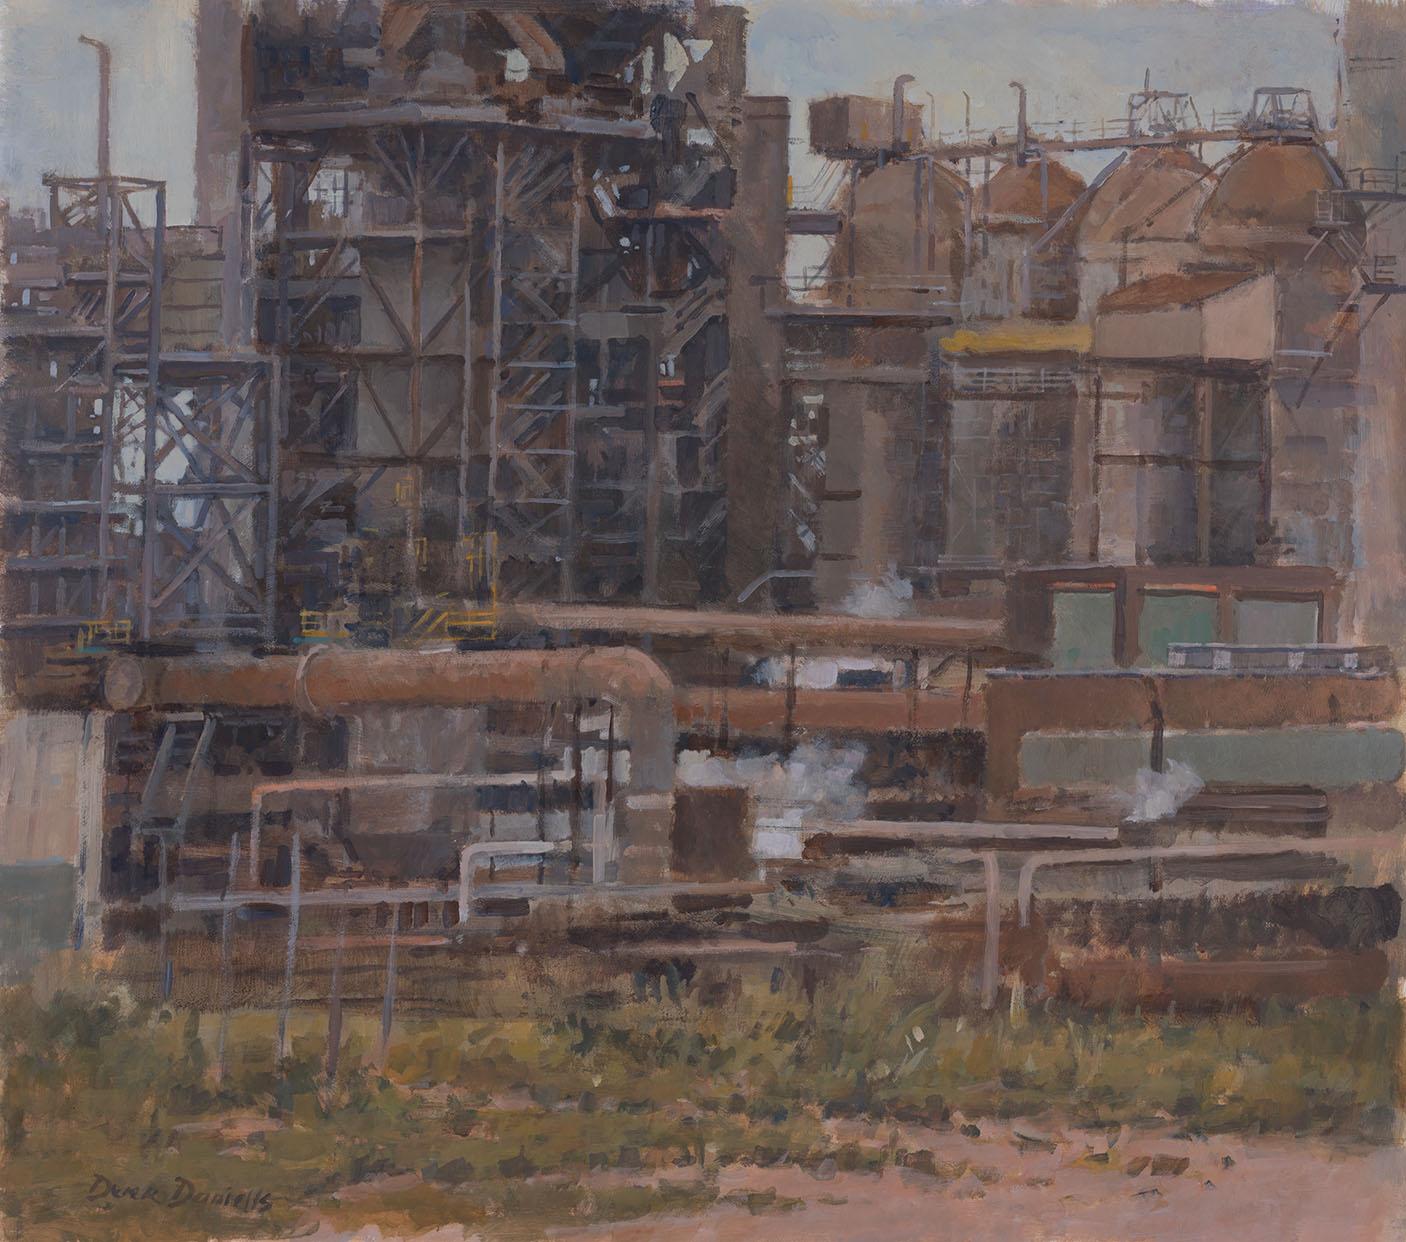 Industrial Still Life